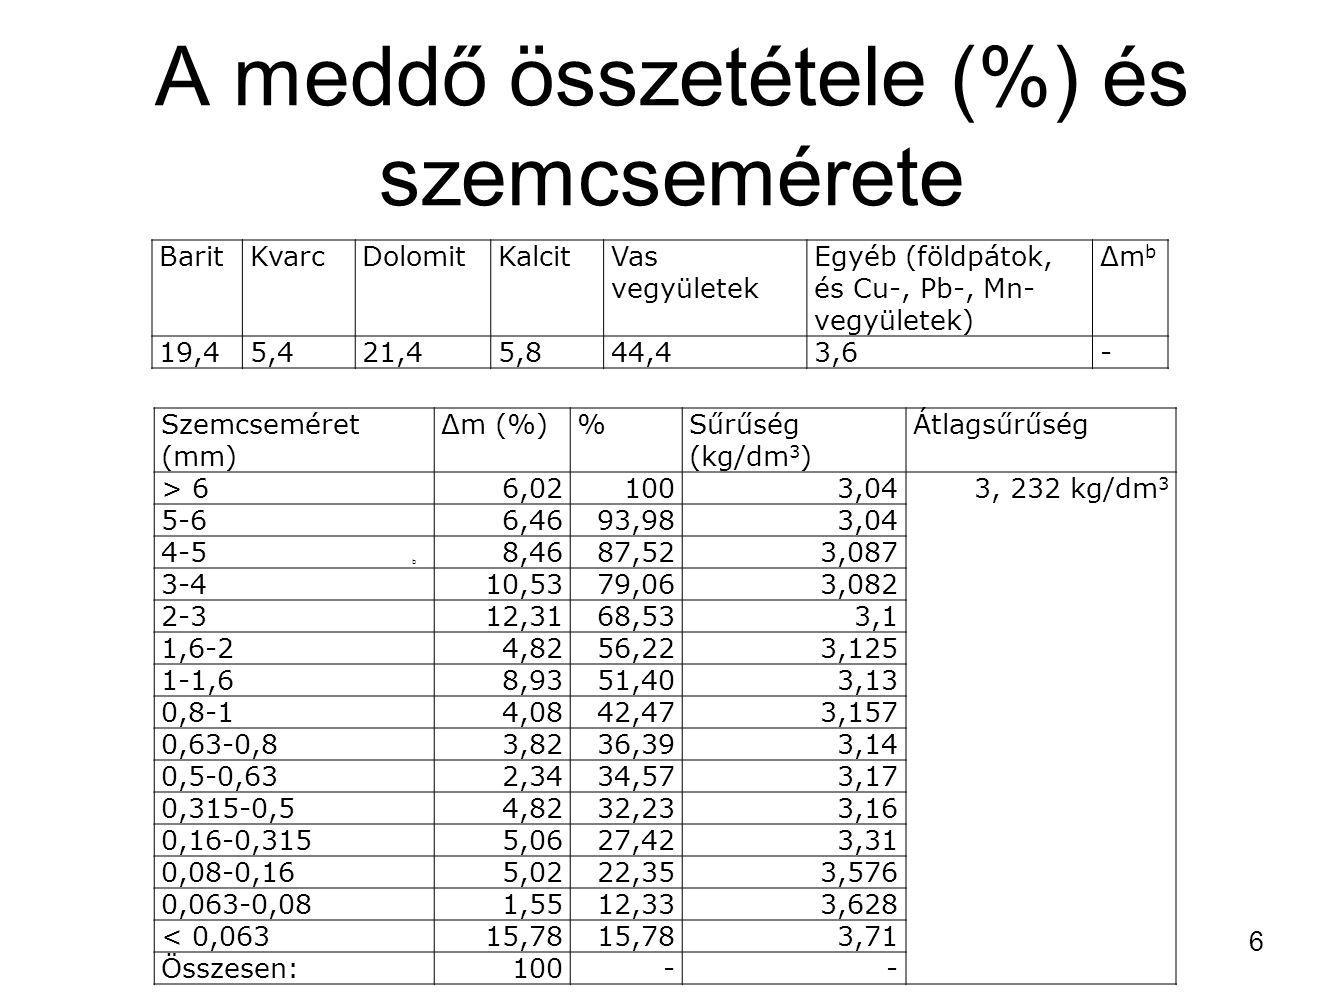 Rakodás, értékesítés Bánya Meddőhányó (3,500 kt) Kitermelés, rakodás Osztályozás 1,5-8 mm 0,5-1,5 mm < 0,5 mm aggloérc Baritban gazdag Vasban gazdag Mészkő-dolomit őrlemény Maradék (>8 mm) 540 kt800 kt1,600 kt350 kt300 kt Őrlés Rakodás, értékesítés Szállítás a vegyi üzembe Rakodás, értékesítés Ki végzi / ktsg viselőCég/ Cég Cégtárs / CégtársCég/ Cég Éves kitermelés1,700 kt250,000 tonna/év380,000 tonna/év140,000 tonna/év720,000 tonna/év.